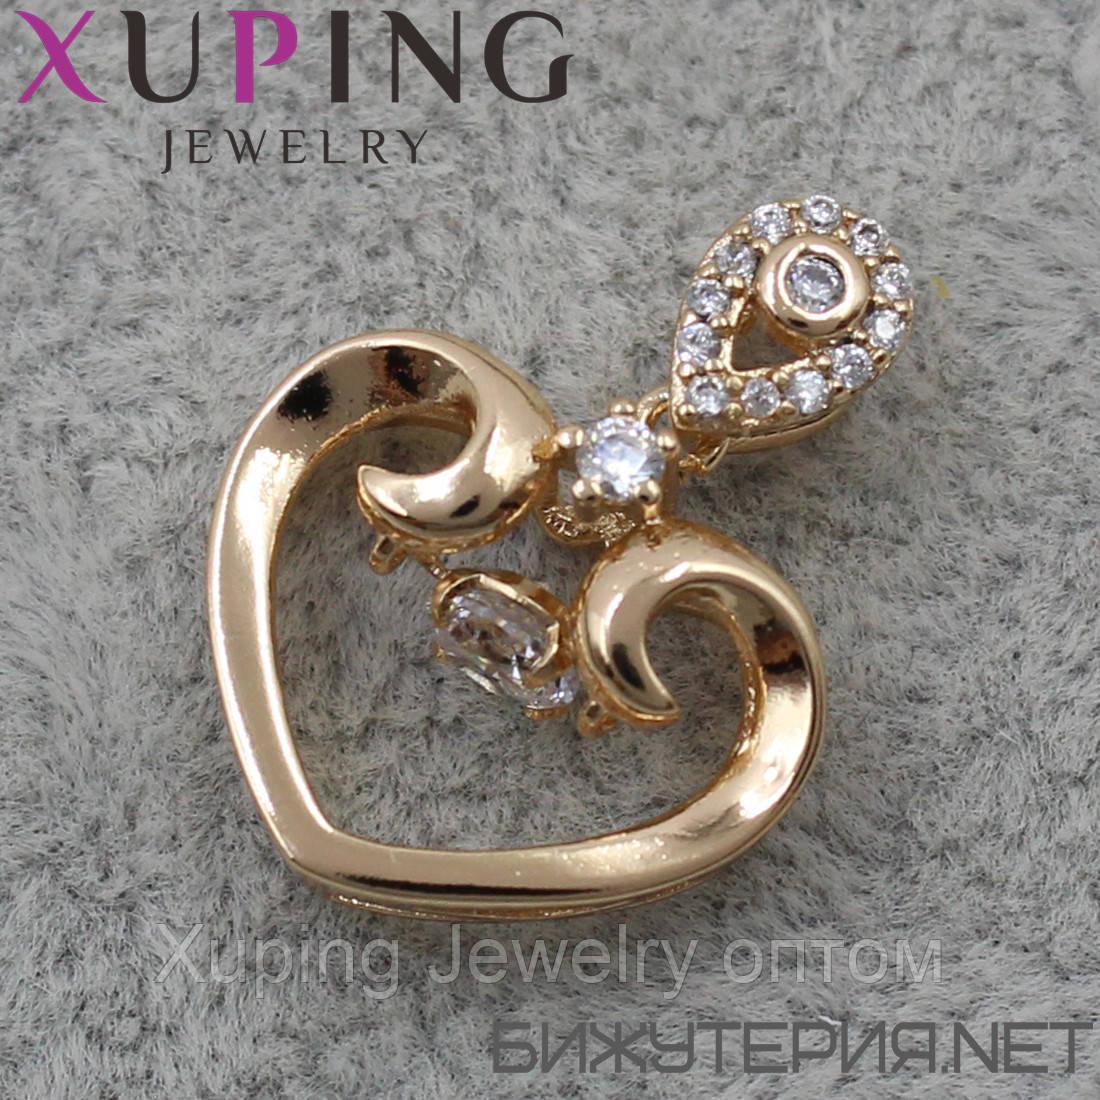 Кулон (подвеска) Xuping медицинское золото 18K Gold - 1023626295